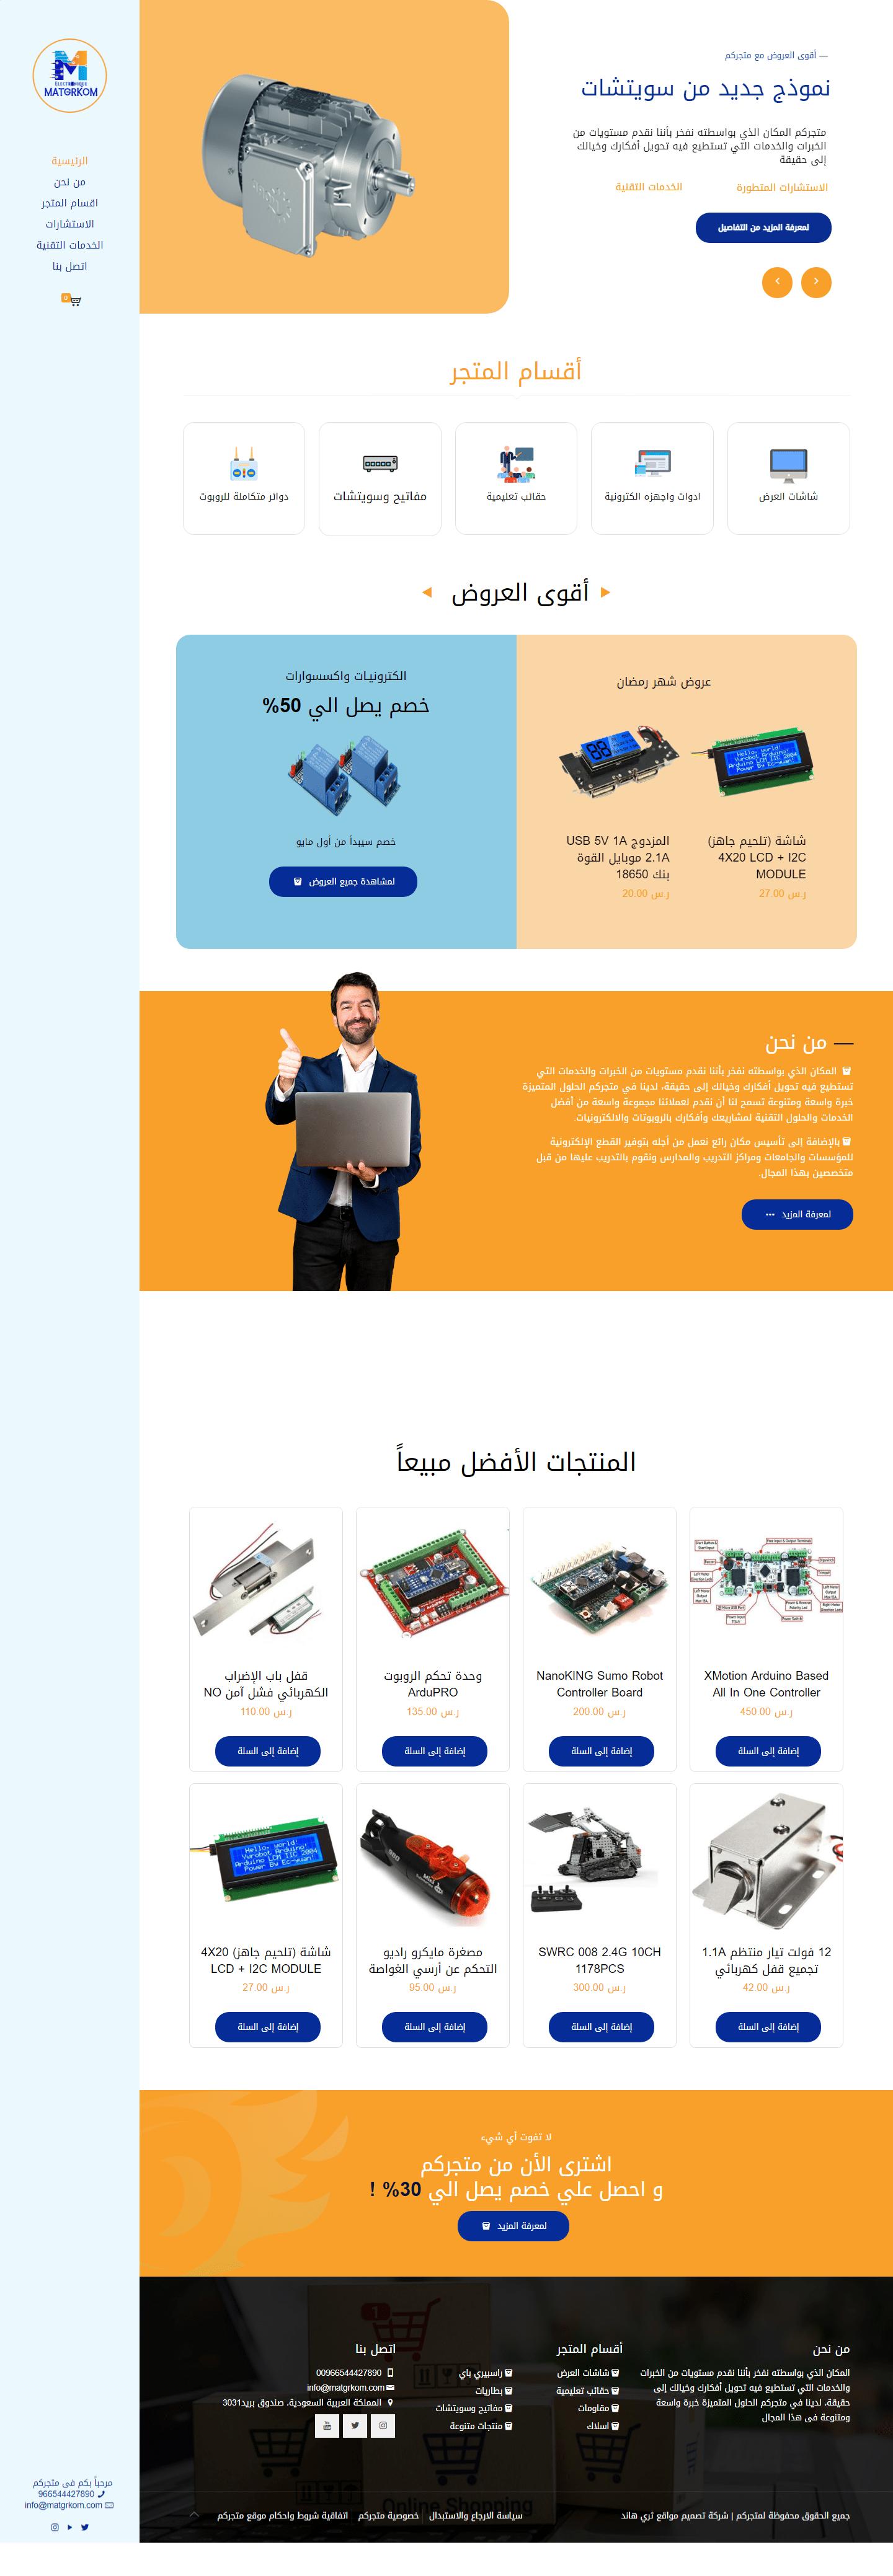 متجركم-–-تسويق-اون-لاين-الأجهزة-الالكترونية